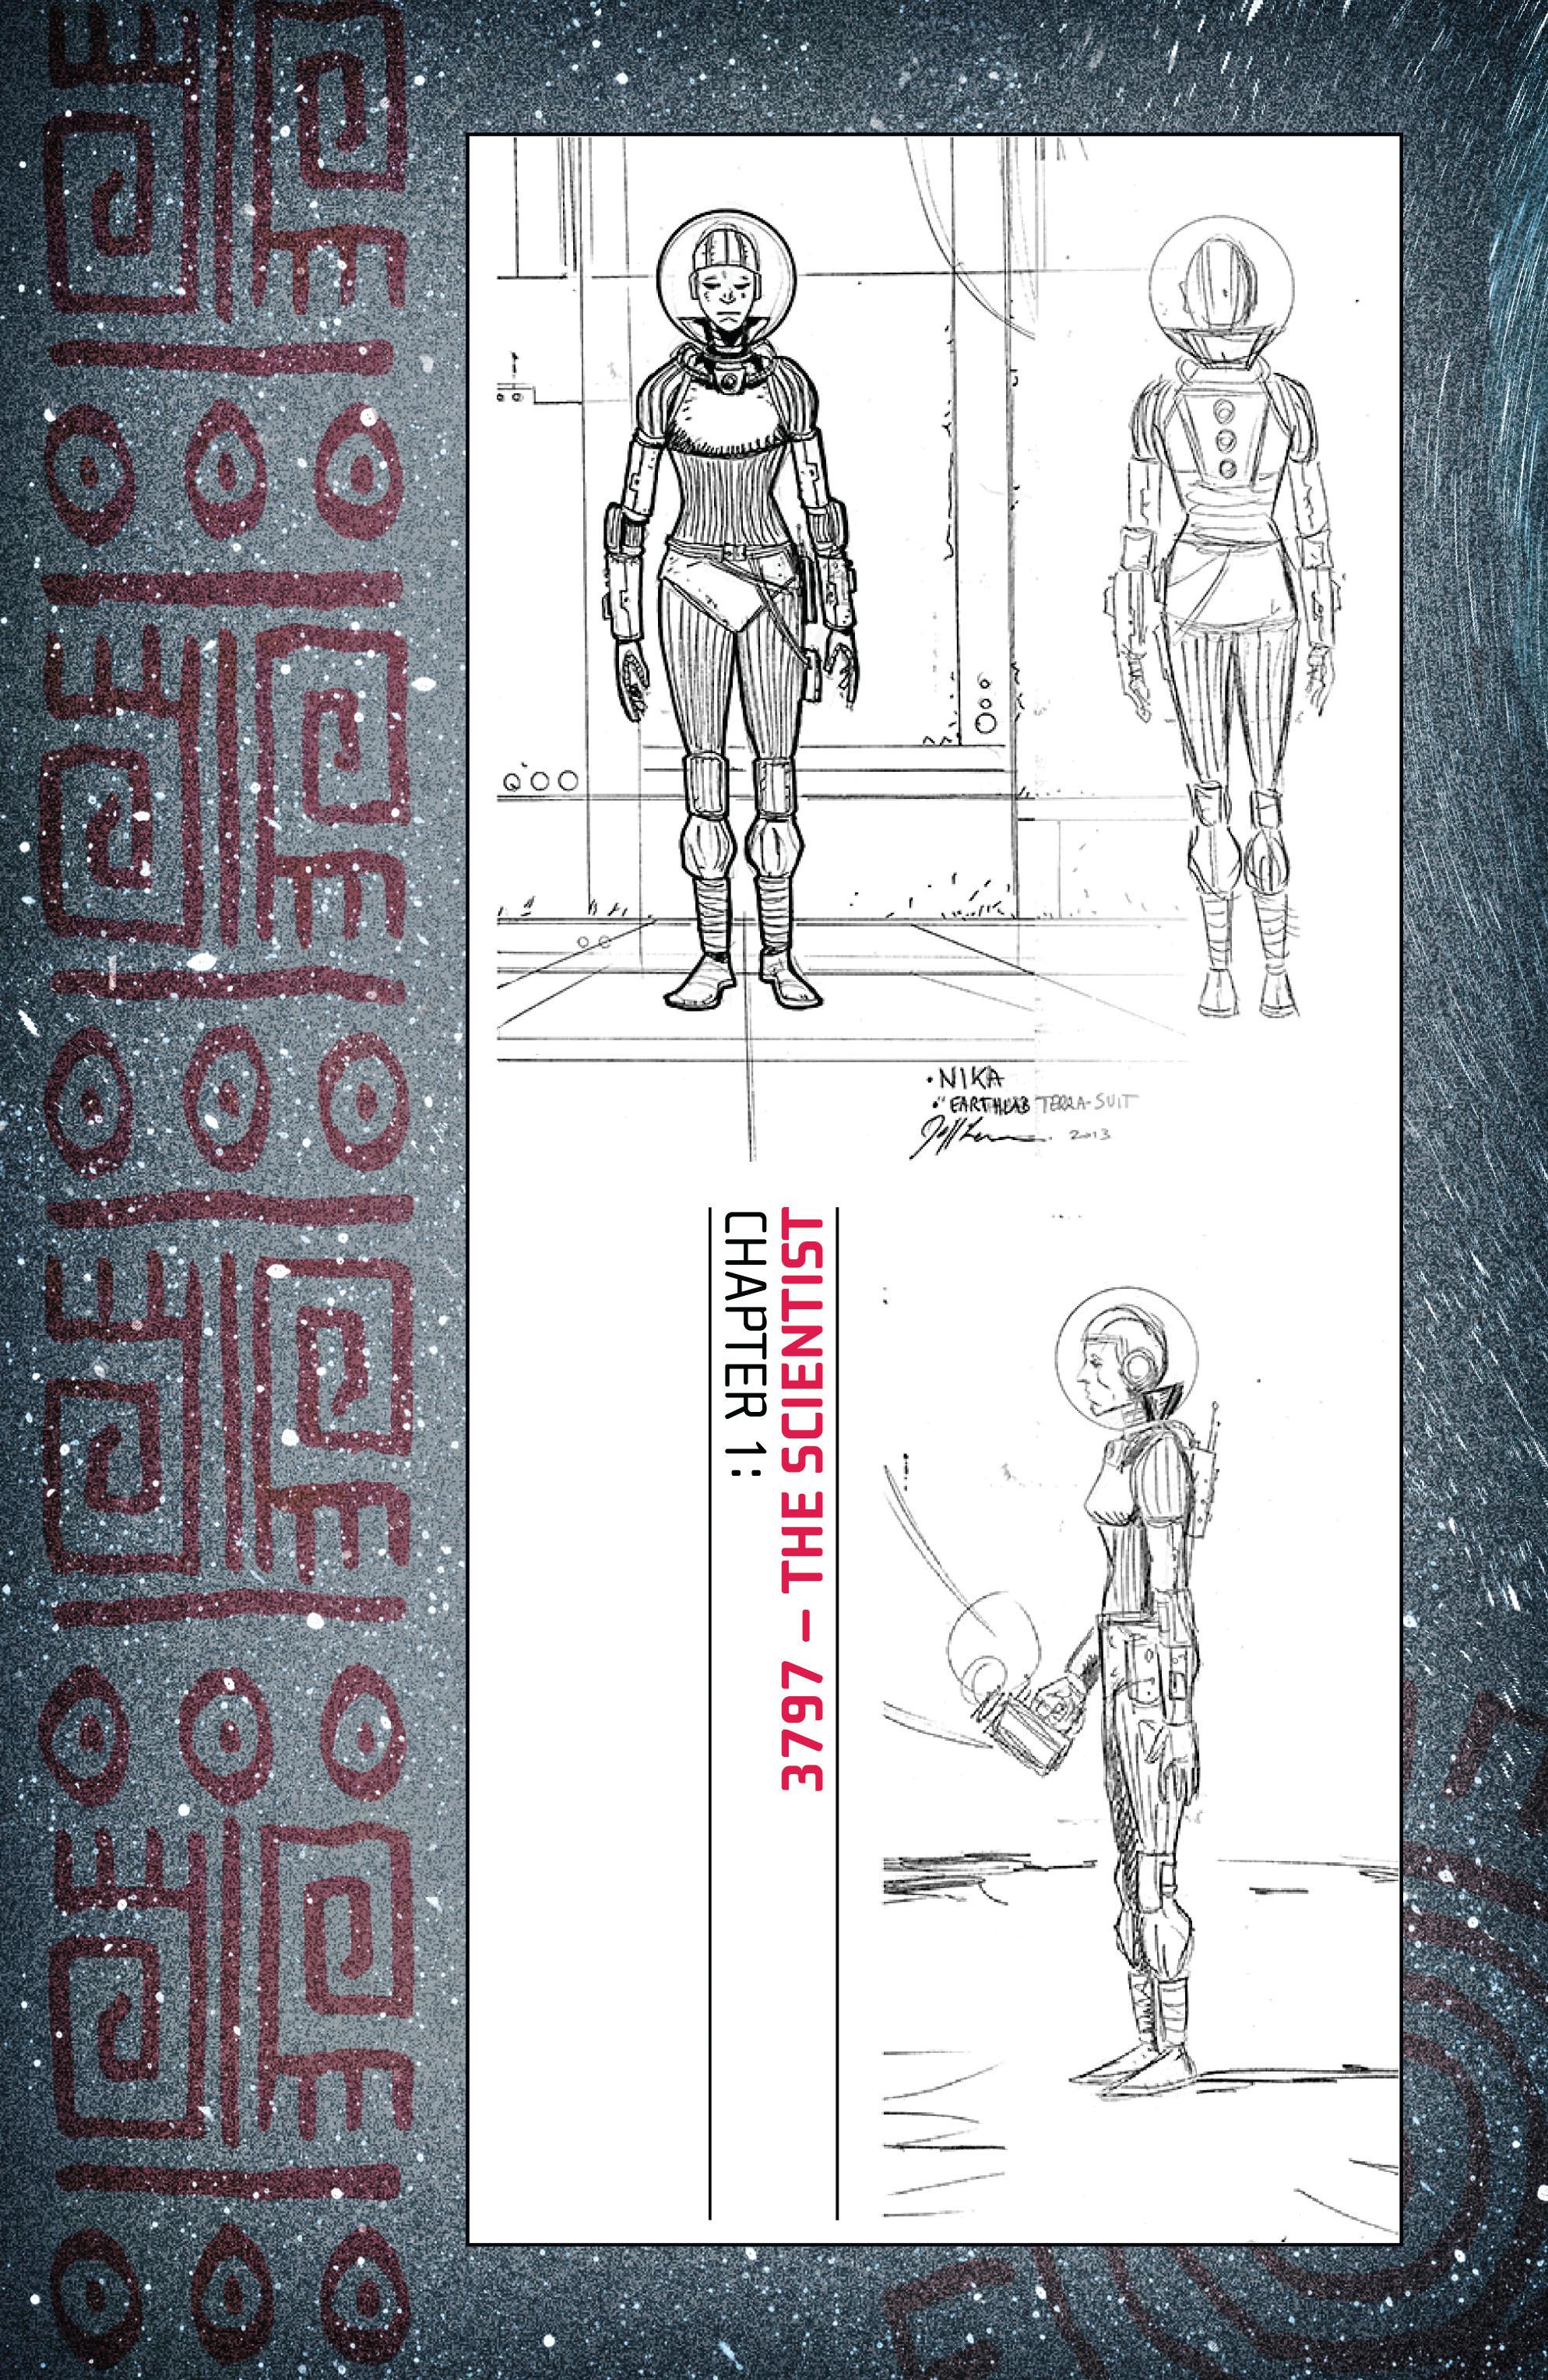 Read online Trillium comic -  Issue # TPB - 6